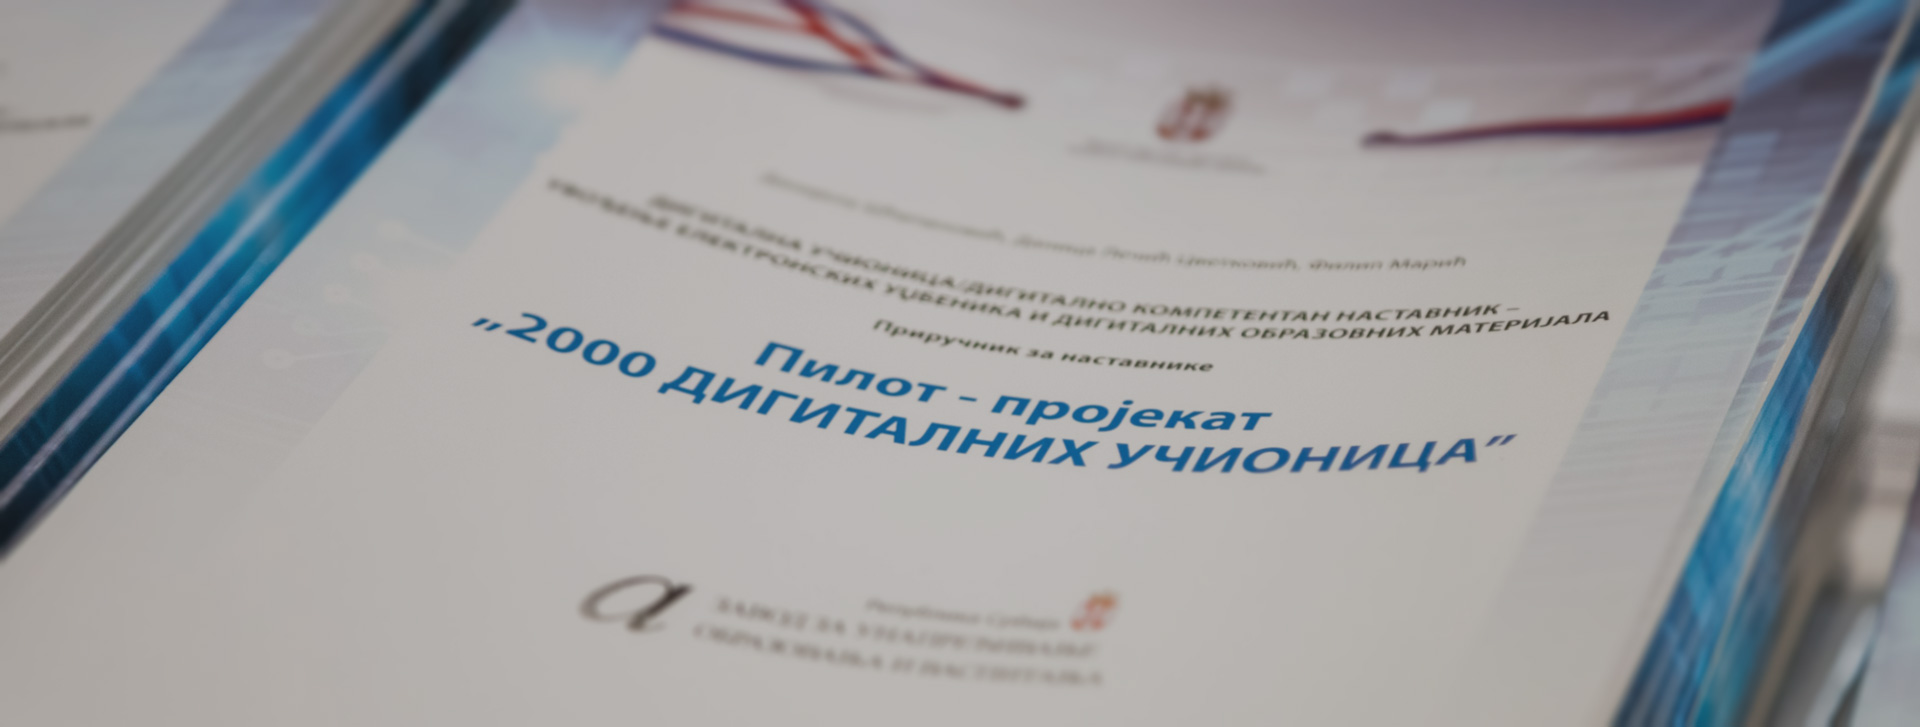 """Пилот-пројекат """"2000 дигиталних учионица"""": 69 ментора ради са 2000 наставника у 693 основне школе"""